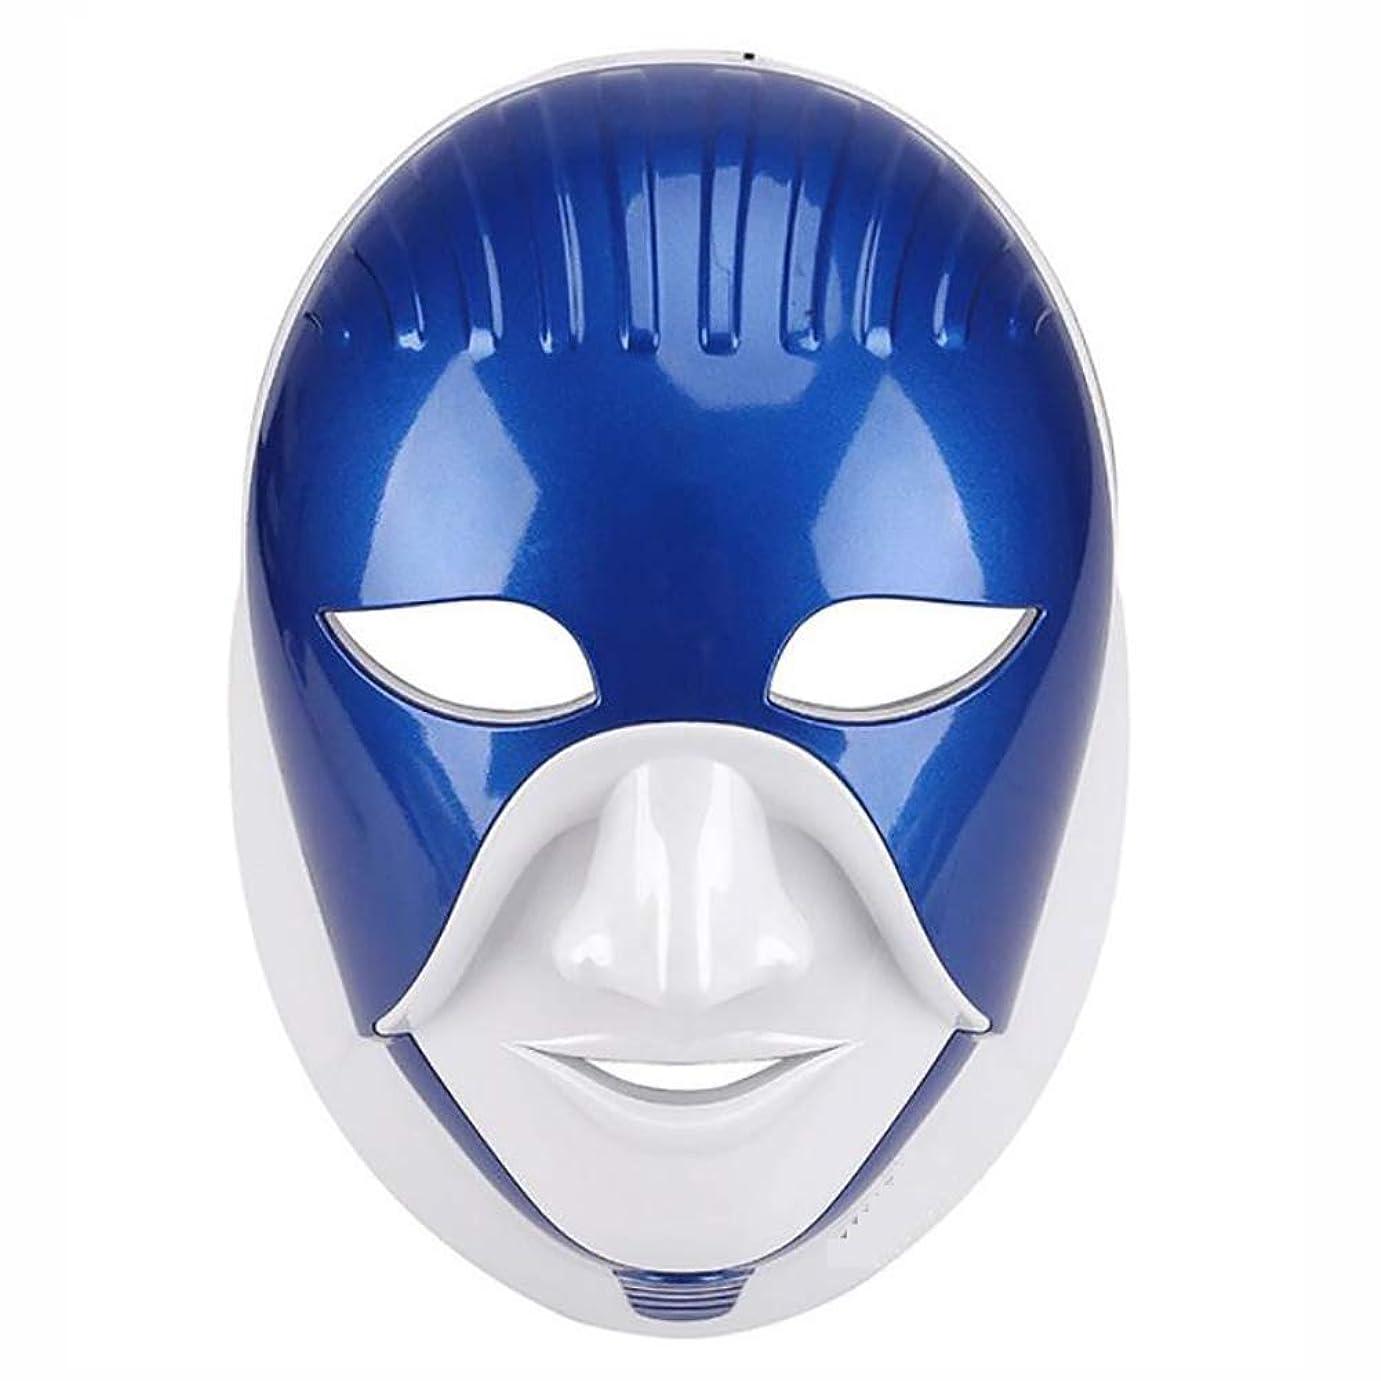 ゴミ箱エネルギー鋼LEDフェイスマスク治療マスク充電式7色Ledフェイシャルマスクスキンケアの顔の首のケア、CE承認(アルミボックス),ブルー